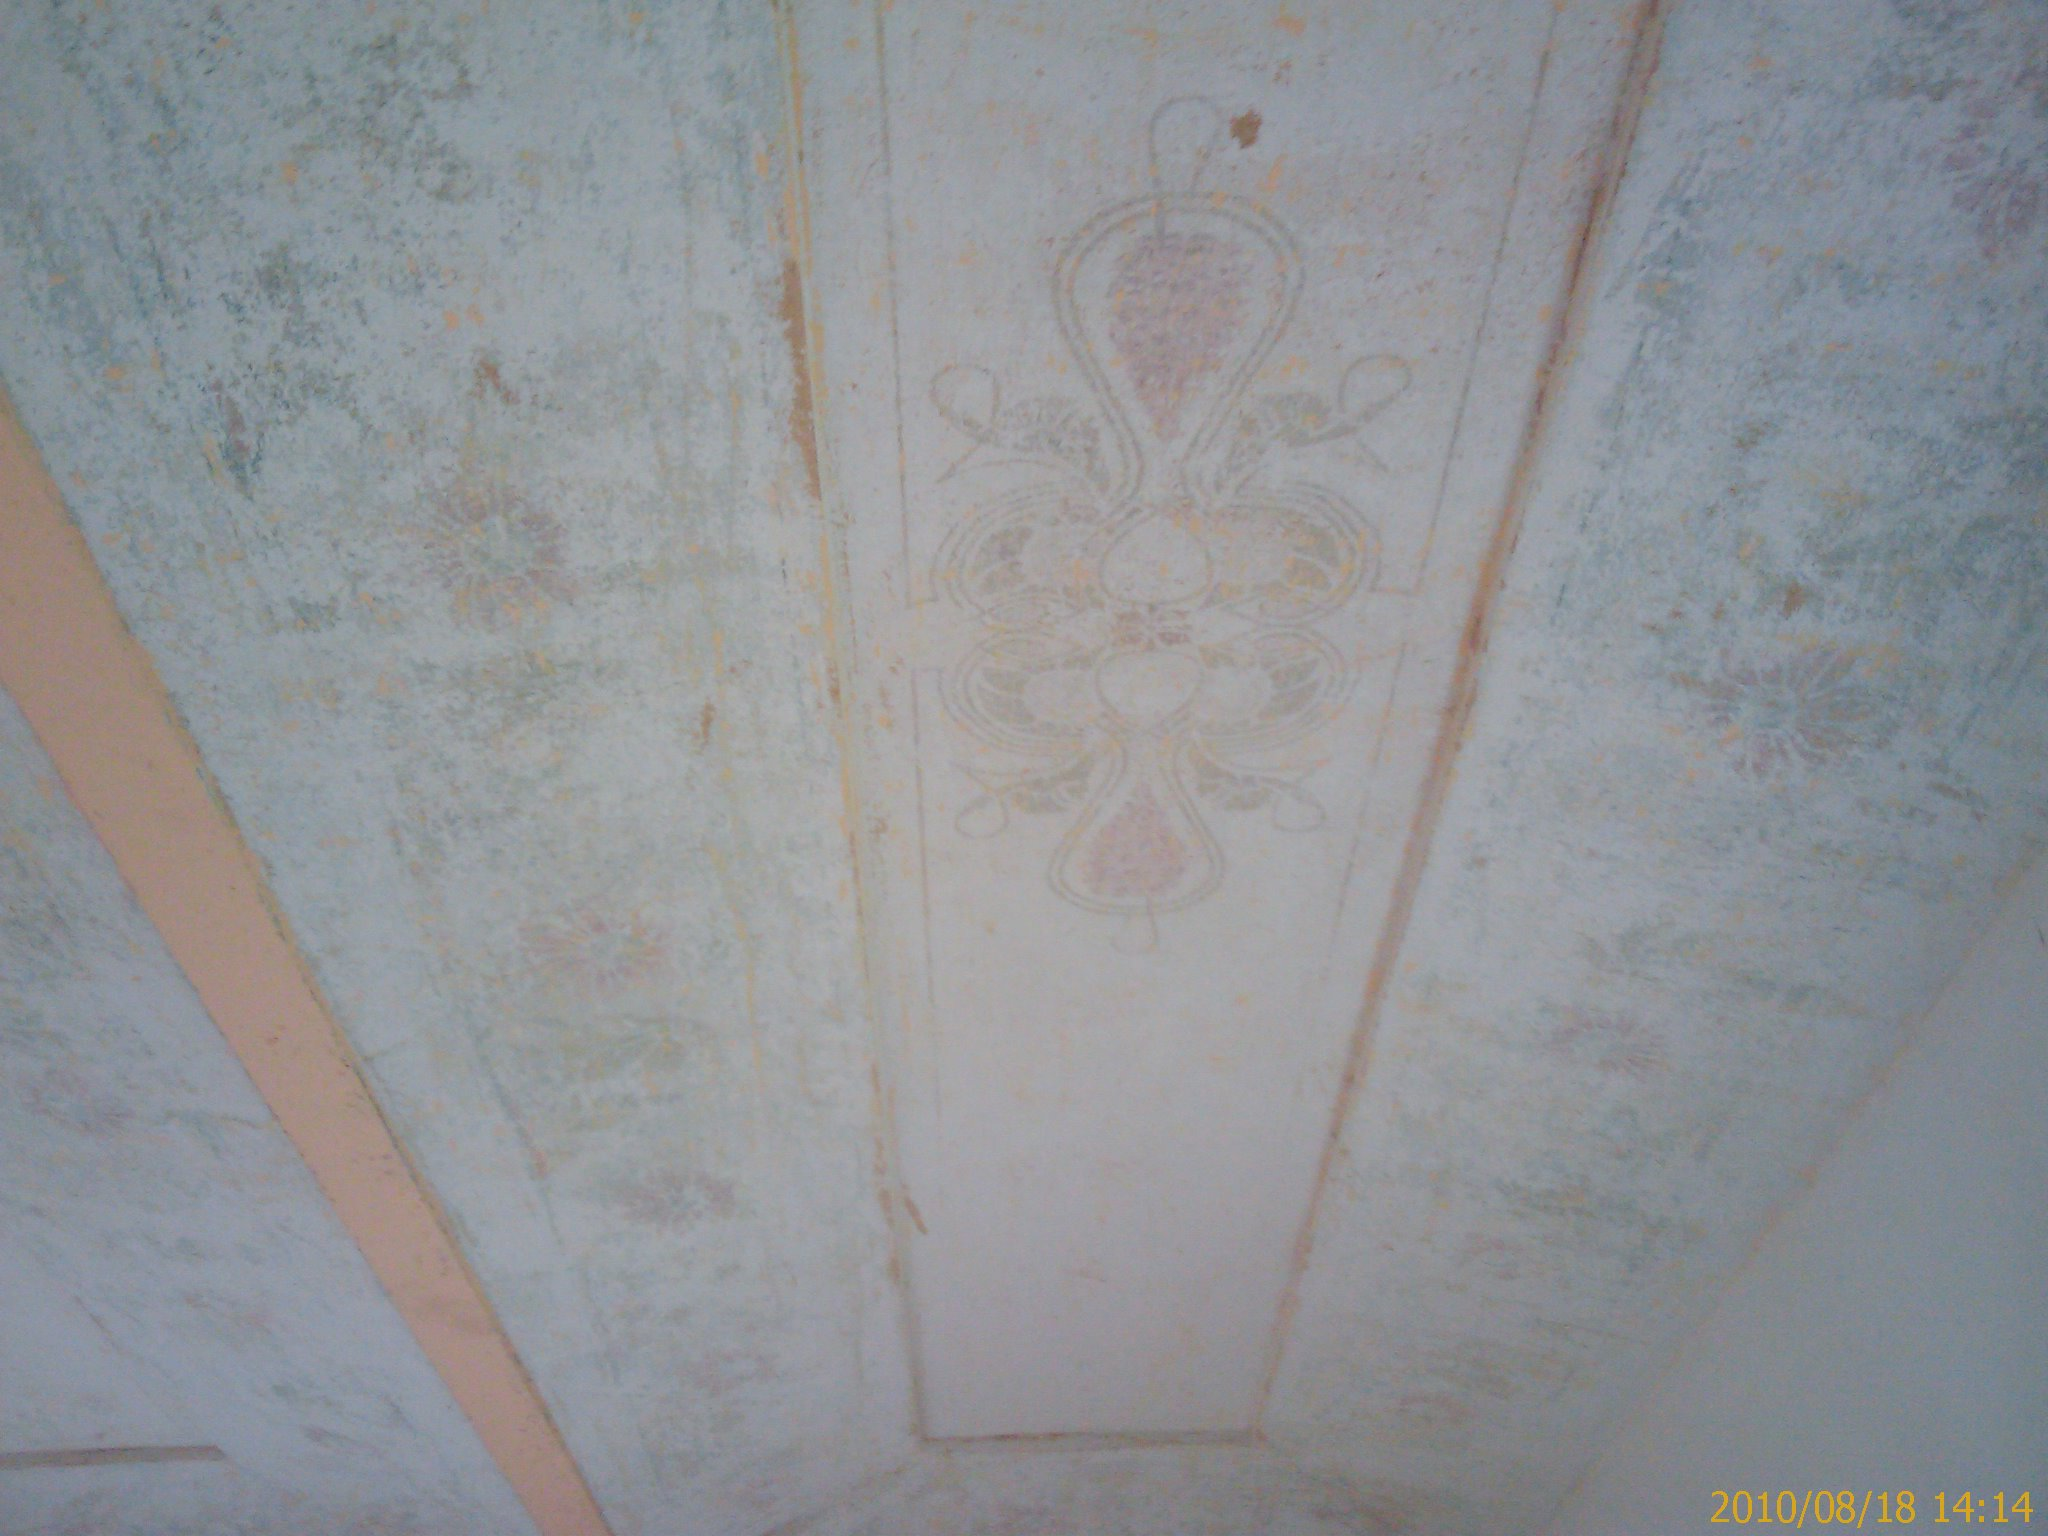 Gele Slaapkamer : Met het schoonmaken van het gele plafond in de ...